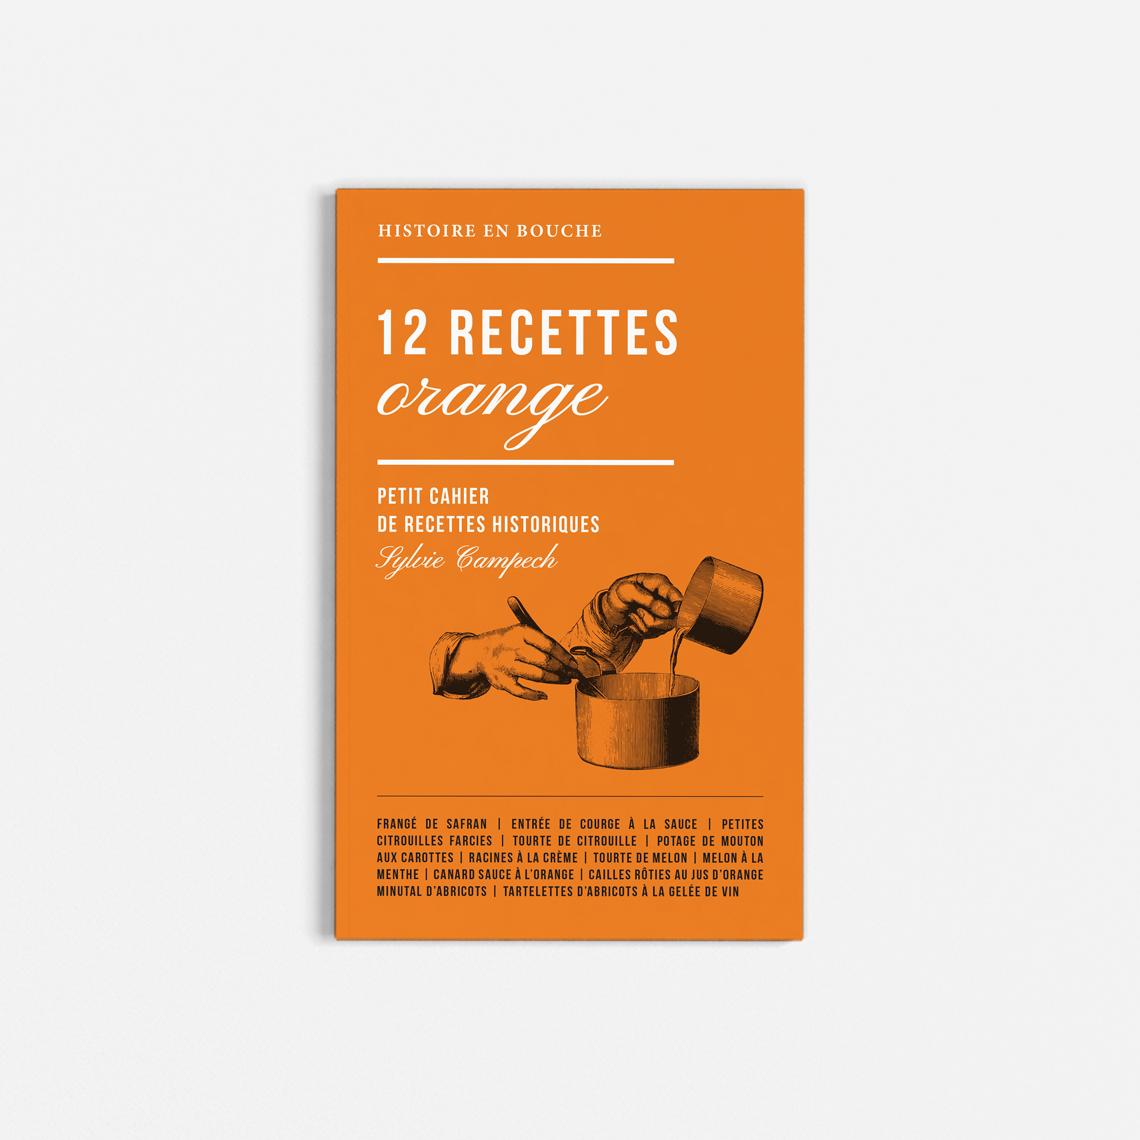 livret-recettes-historiques-couleur-orange-rouge-vert-livre-cuisine-design-autograff-graphiste-freelance-toulouse-couverture